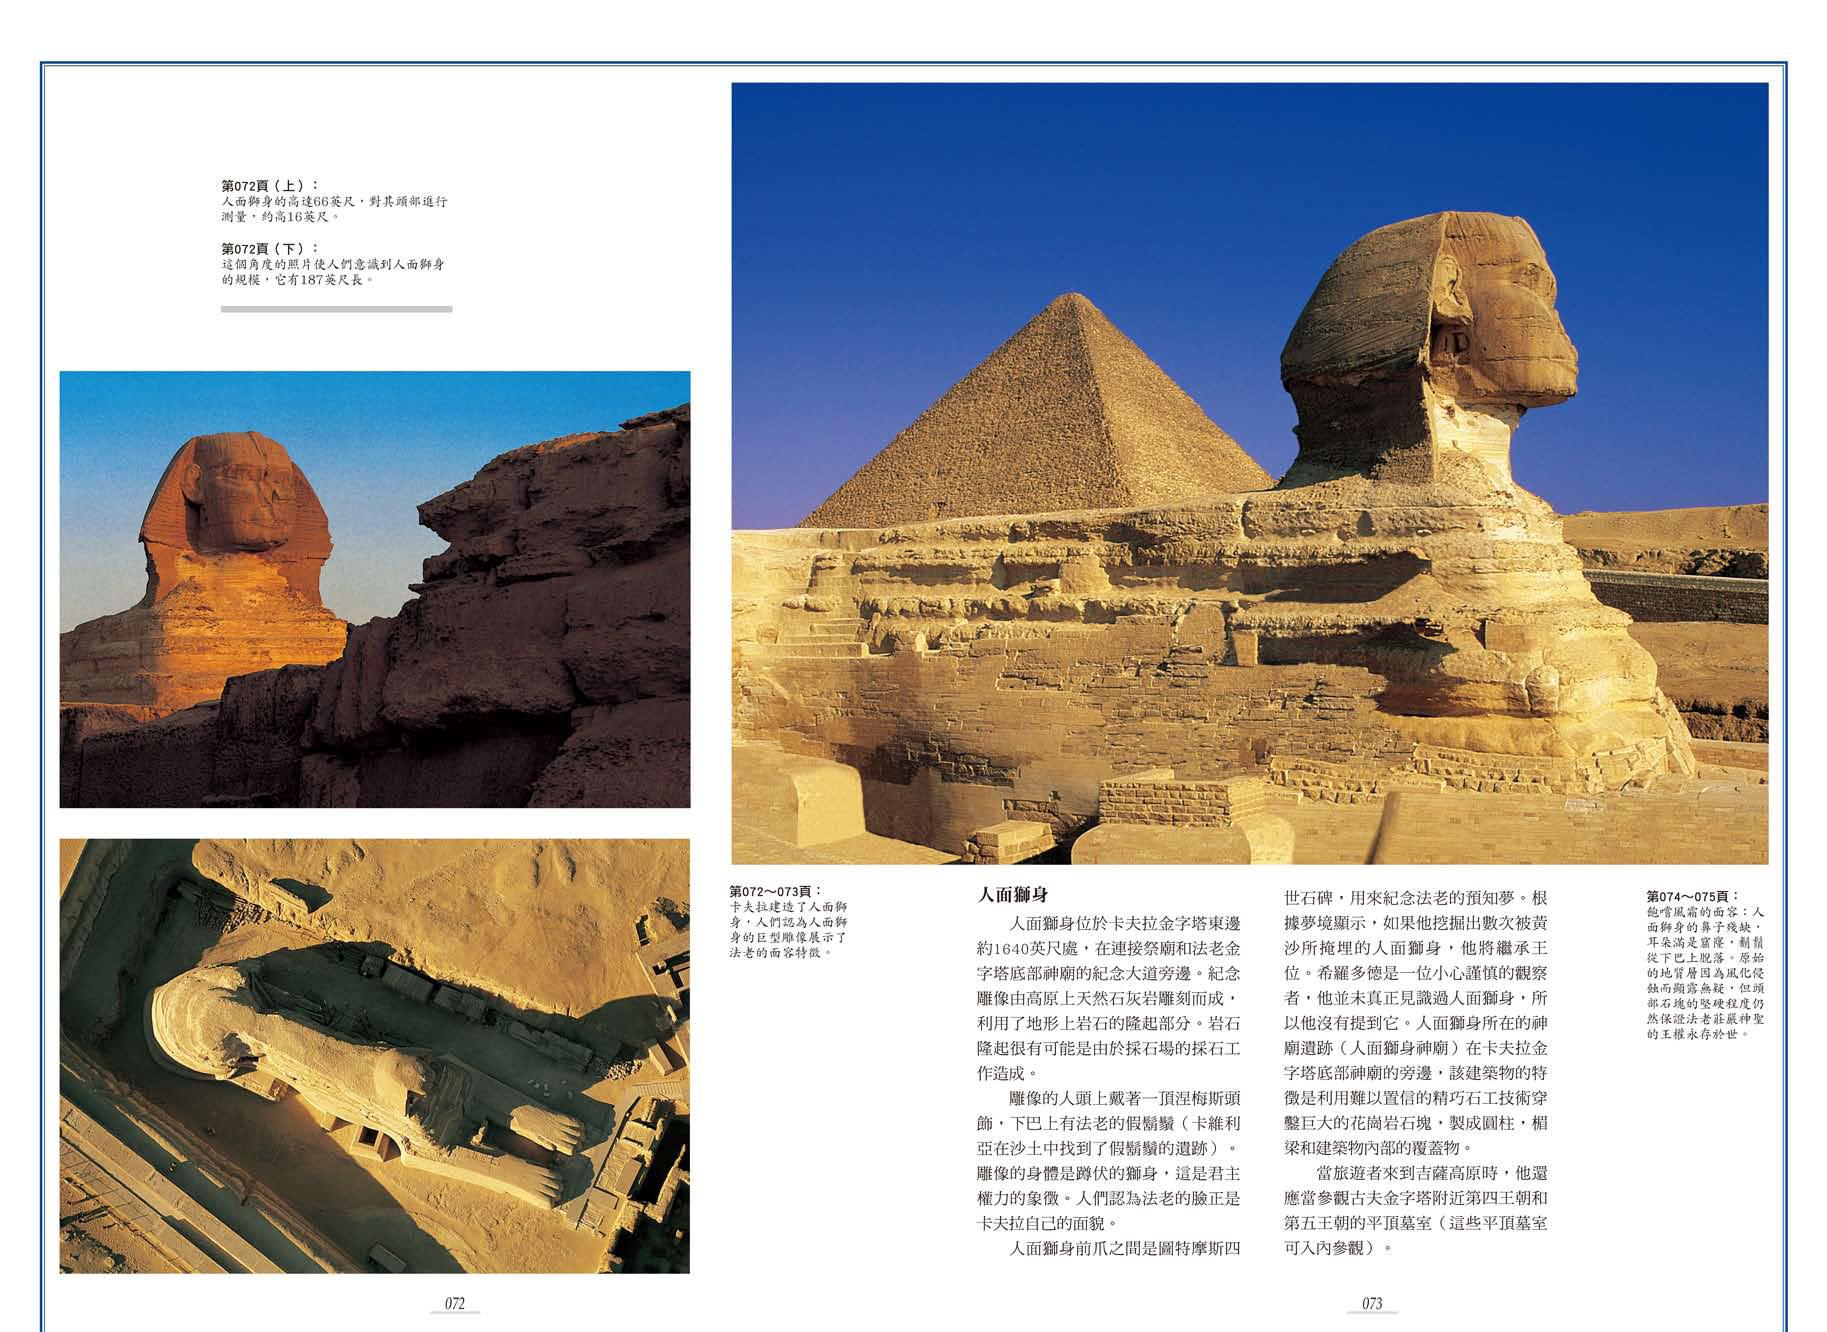 埃及古文明:揭開法老王稀世珍寶(最新版)-閣林文創